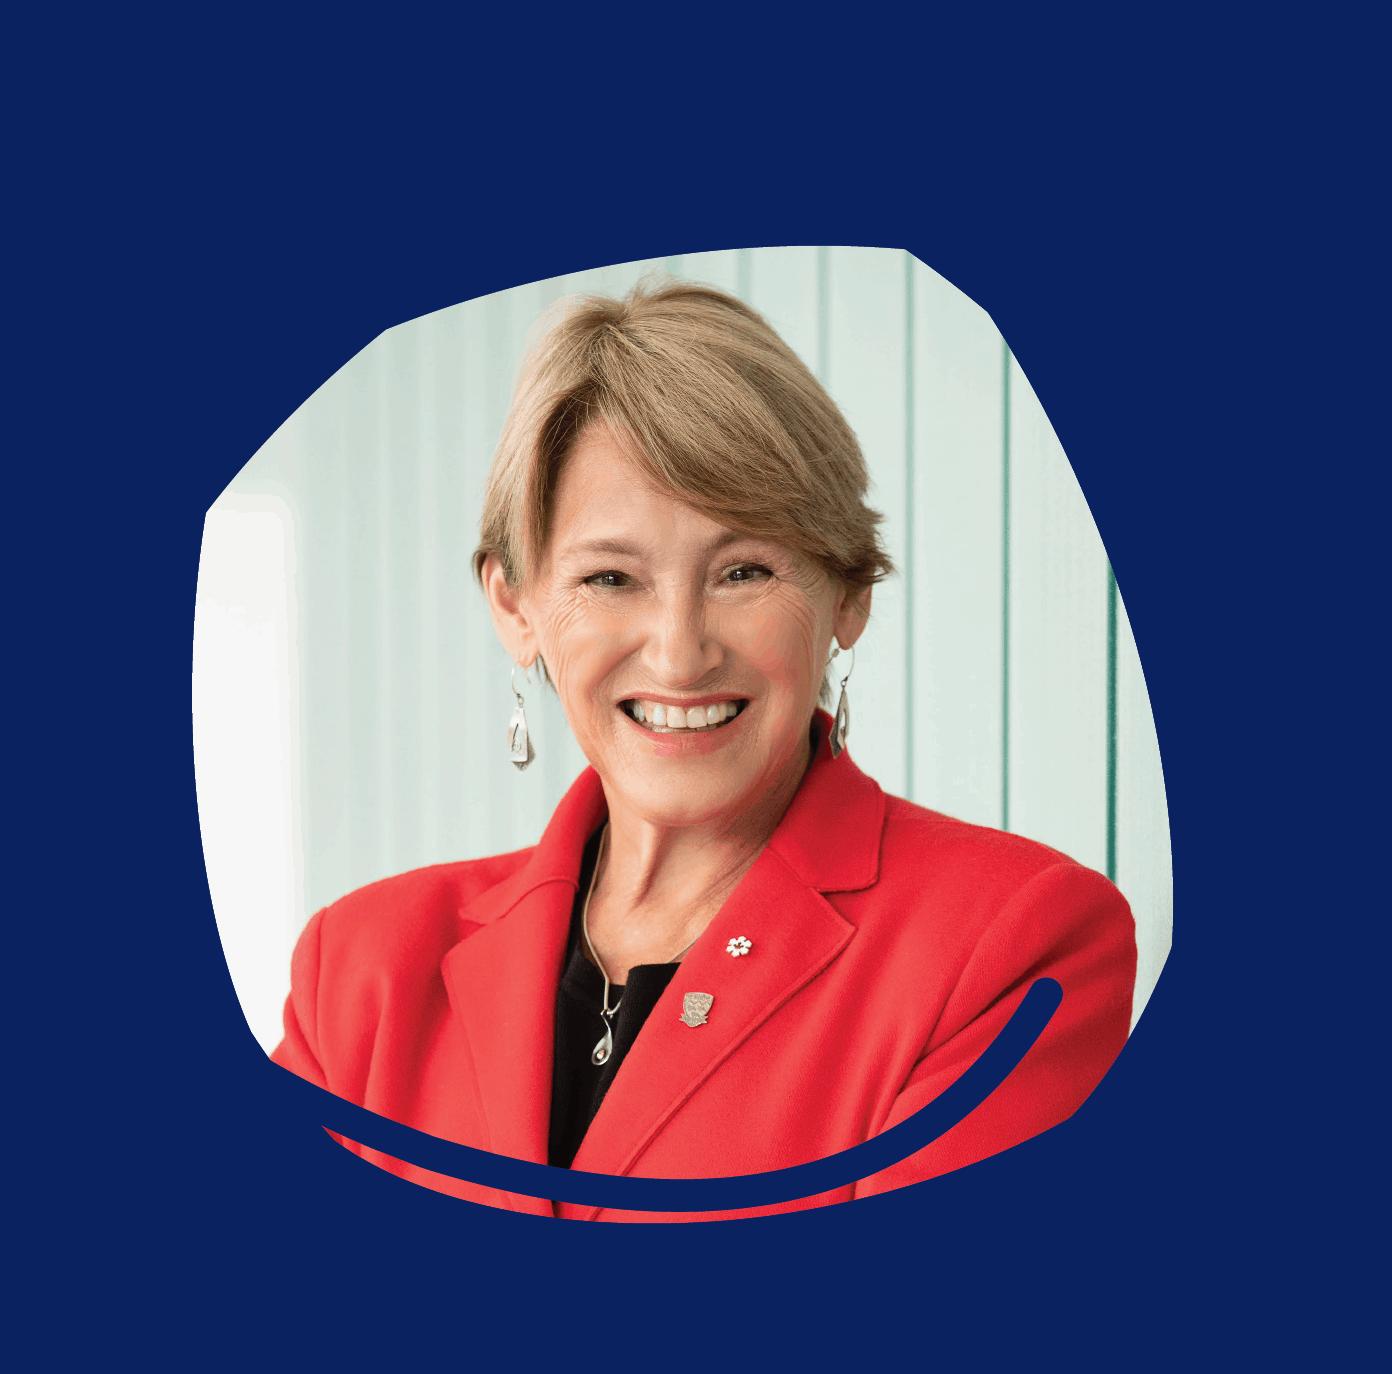 Suzanne Fortier, Directrice; Principale et vice-chancelière de l'Université McGill